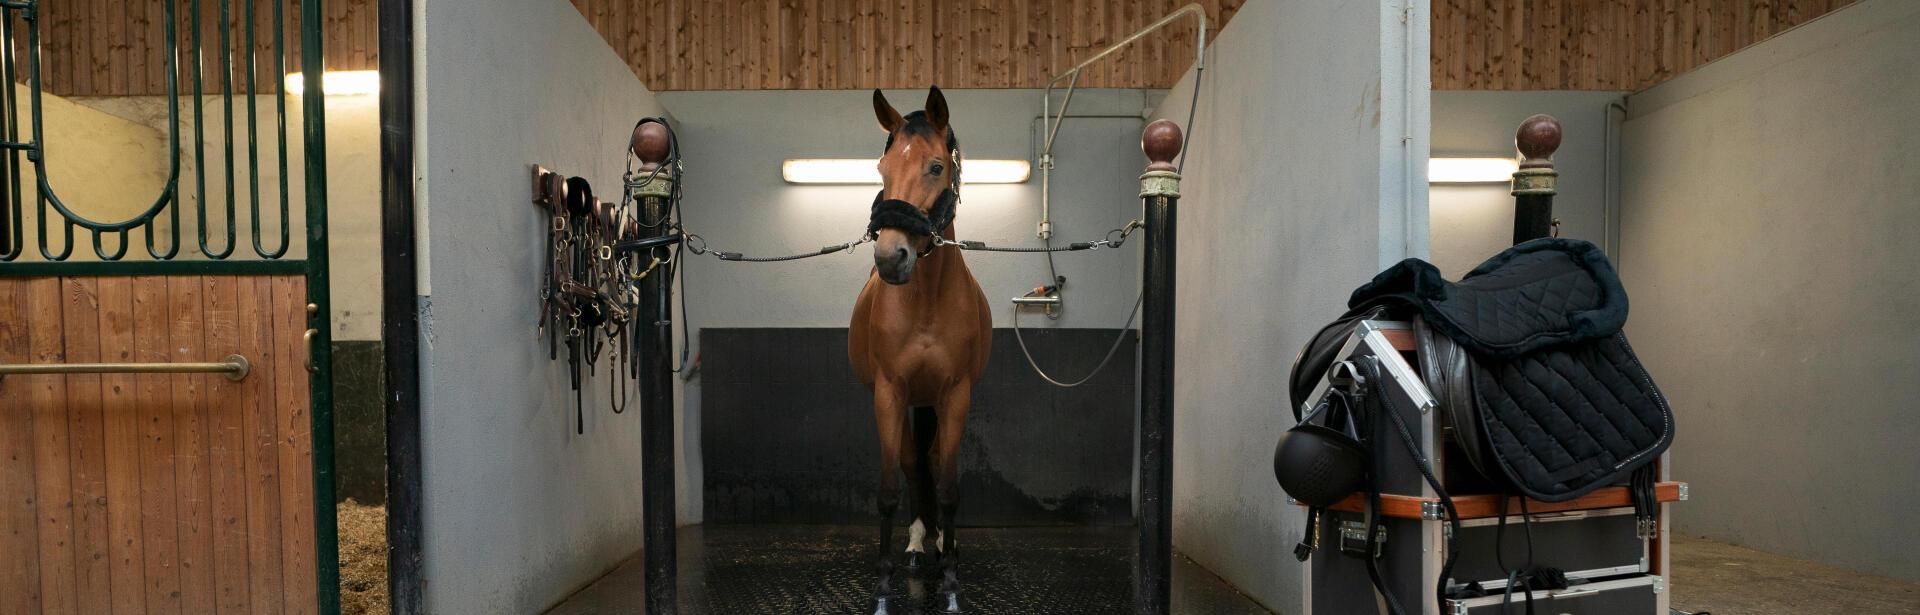 Les soins du cheval